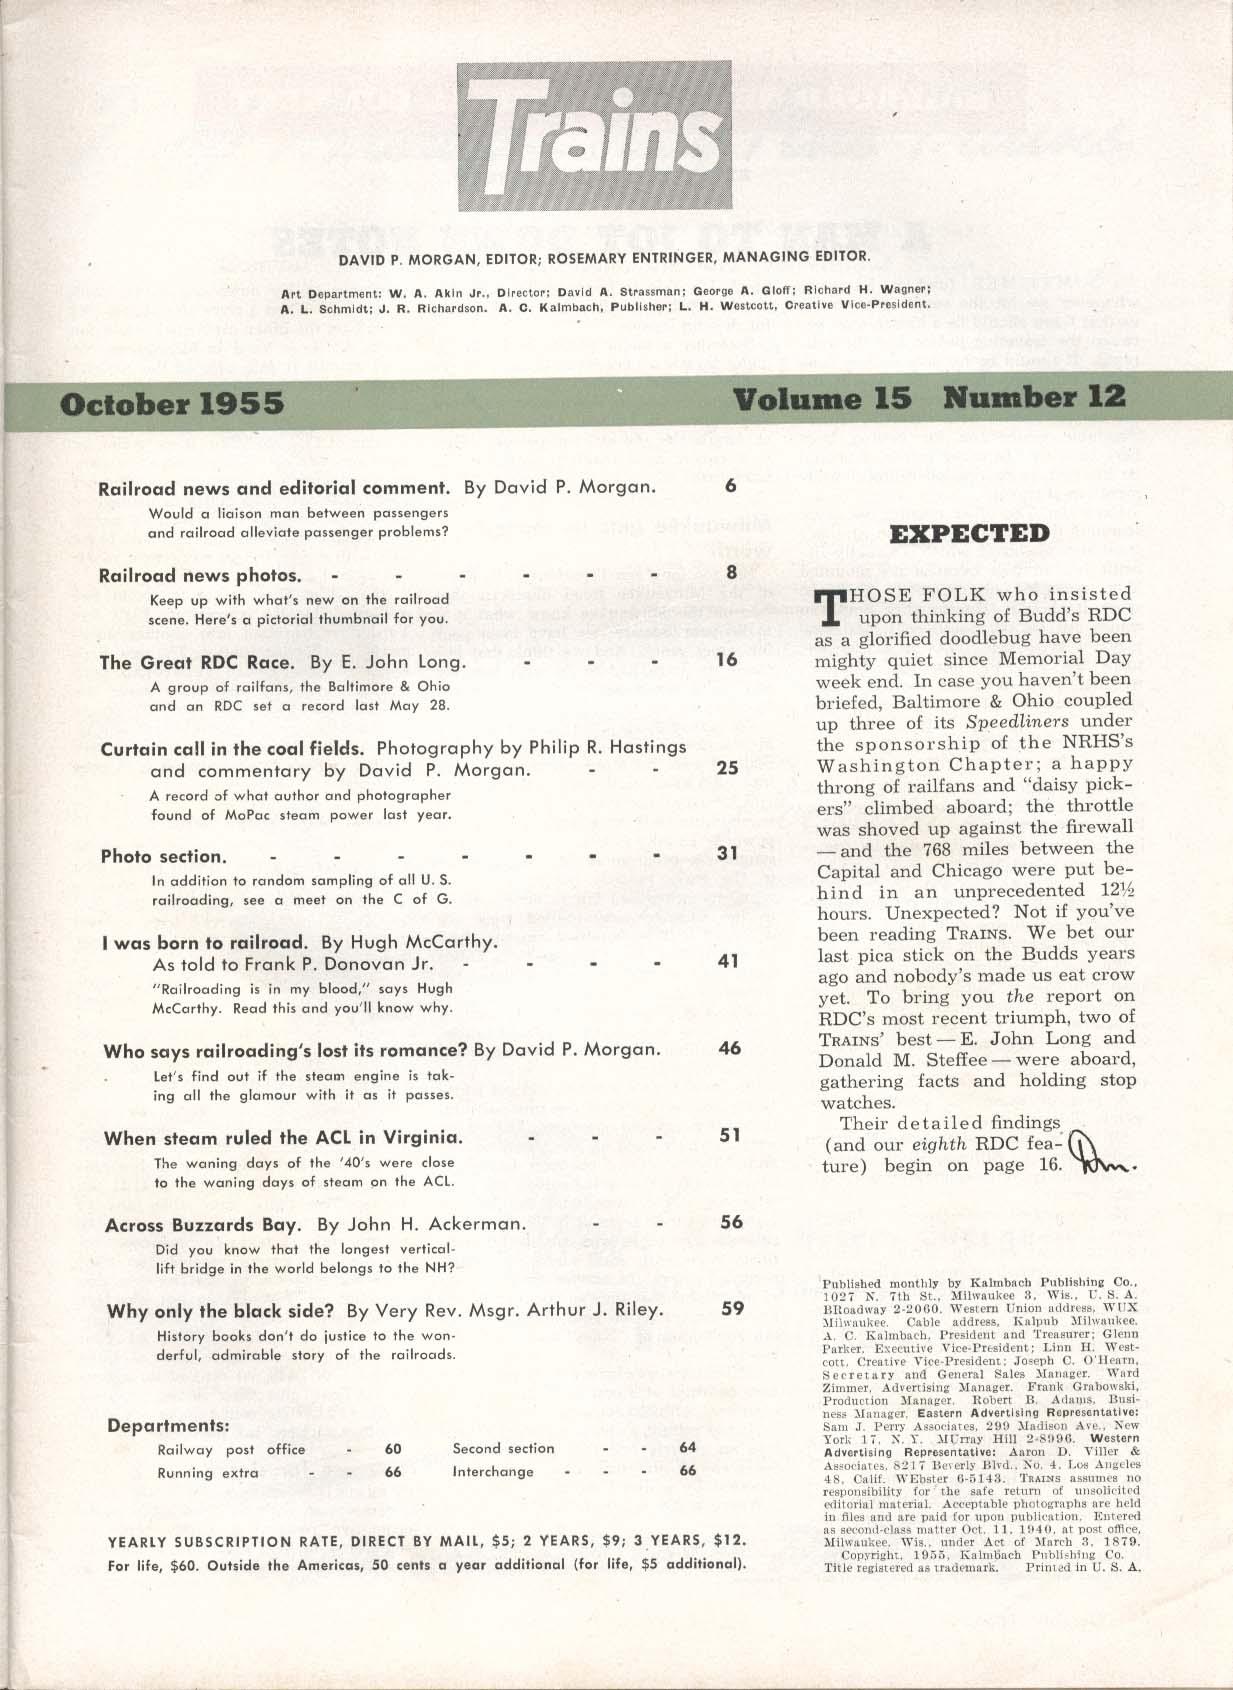 TRAINS Hugh McCarthy ACL Virginia MoPac steam power 10 1955